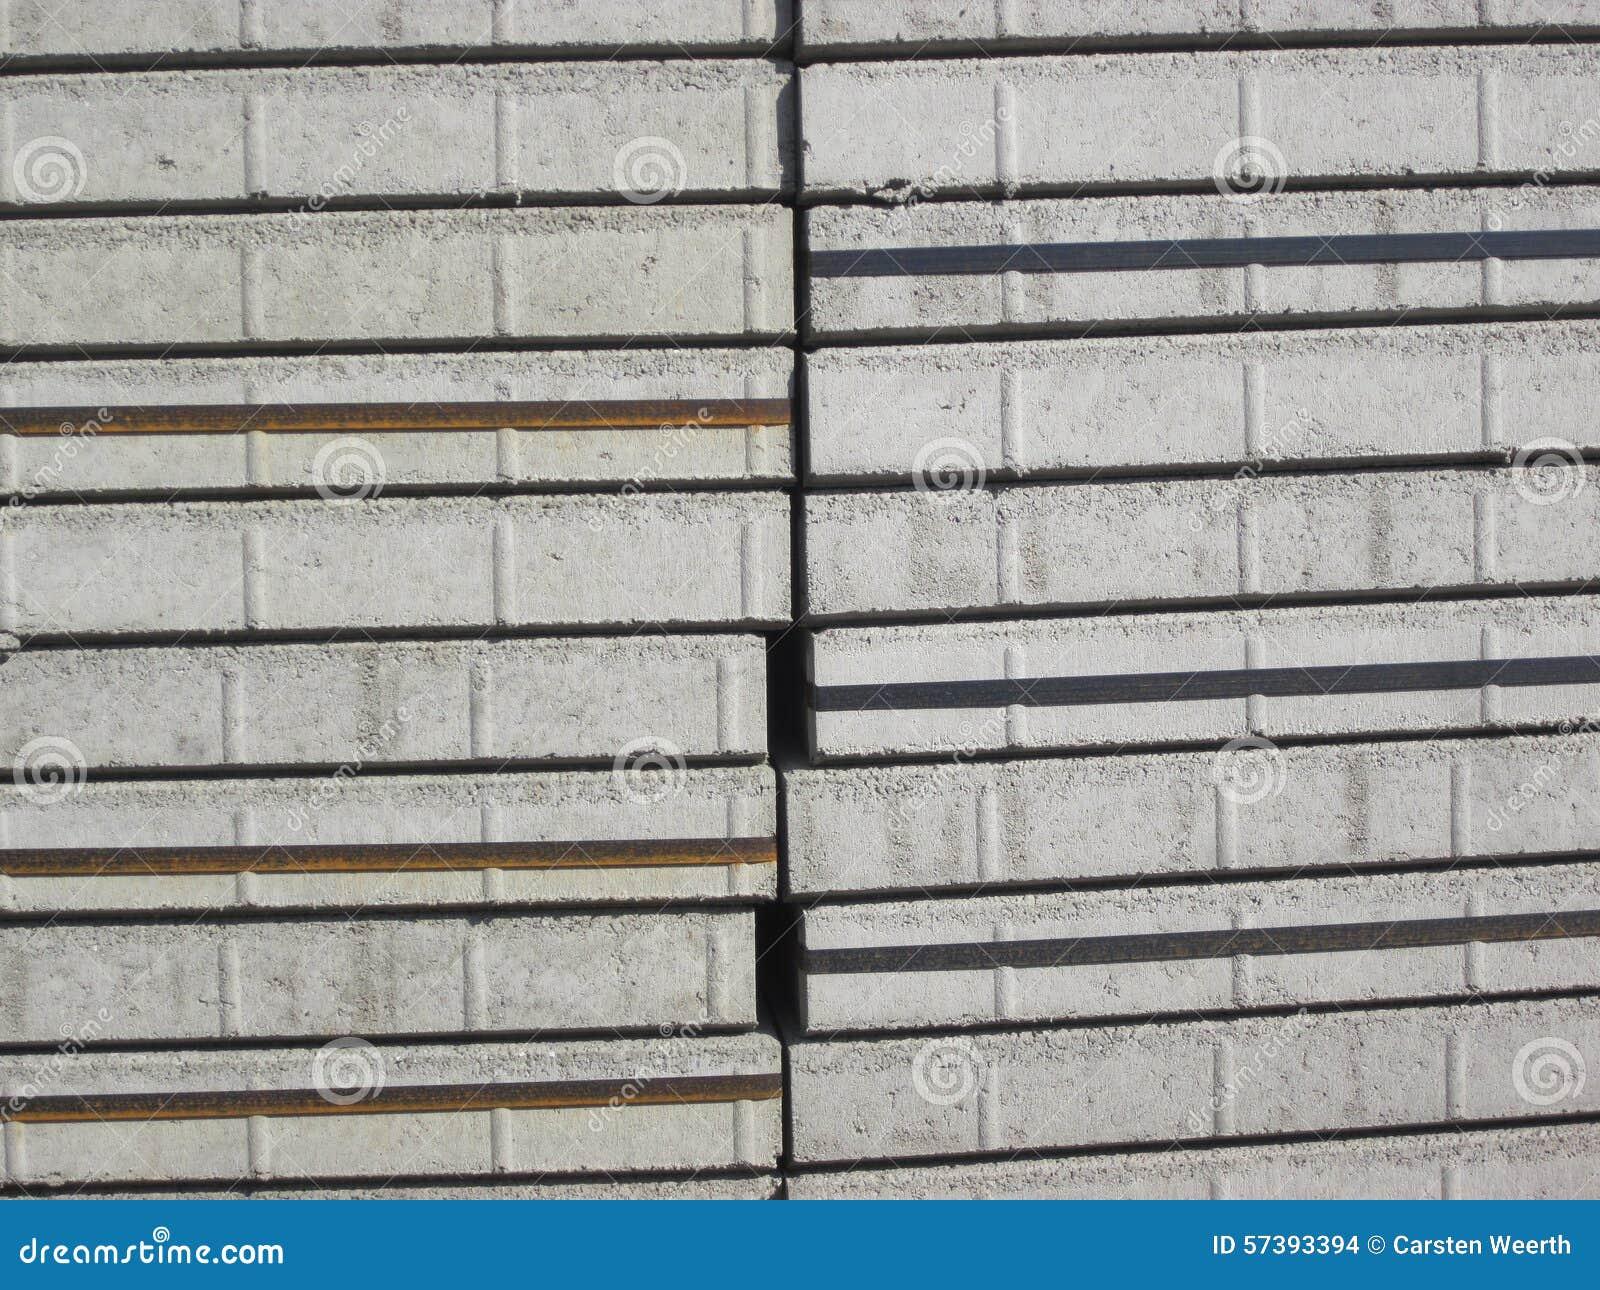 Stapels grijze pleisterstenen